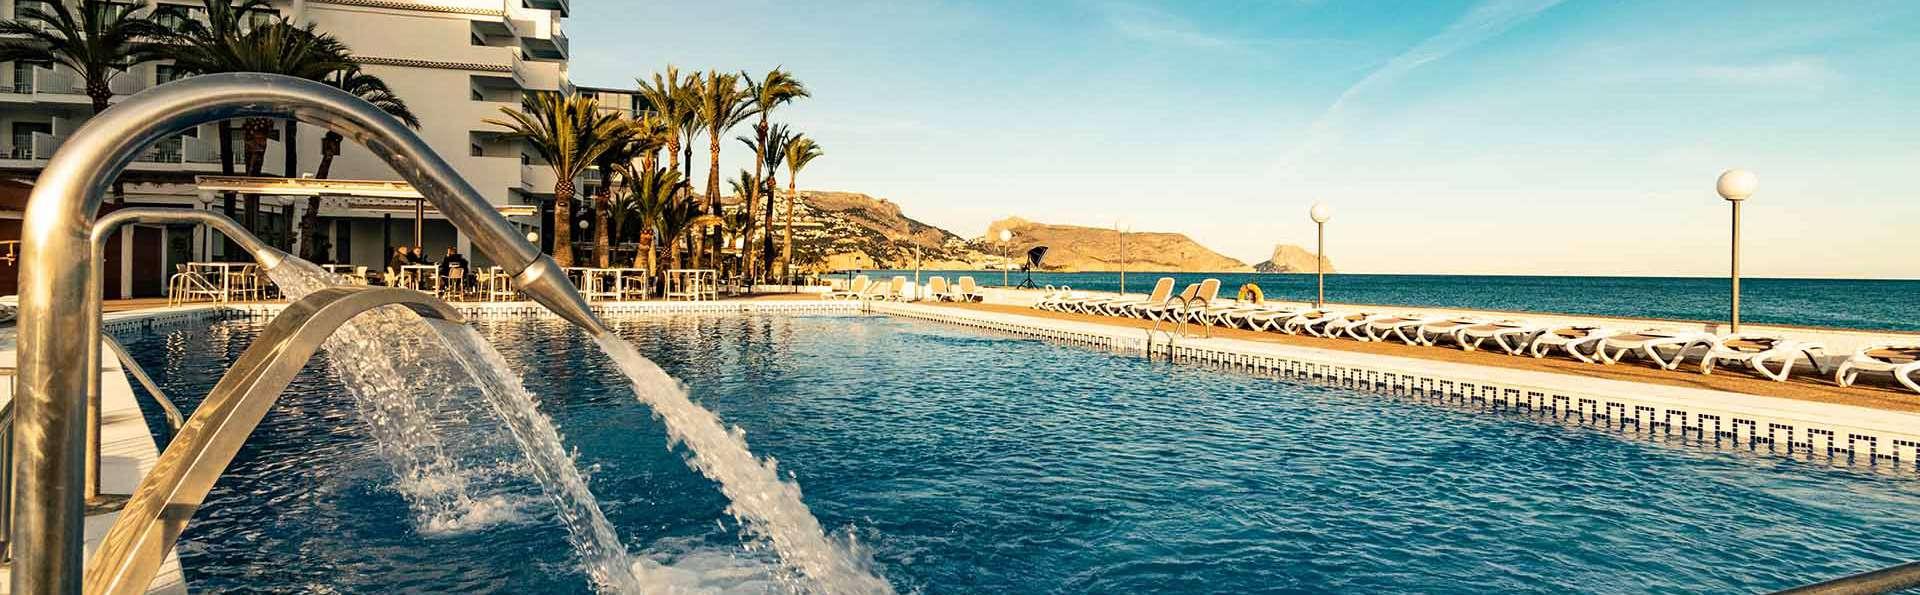 Hotel Cap Negret - EDIT_Exteriores_02.jpg